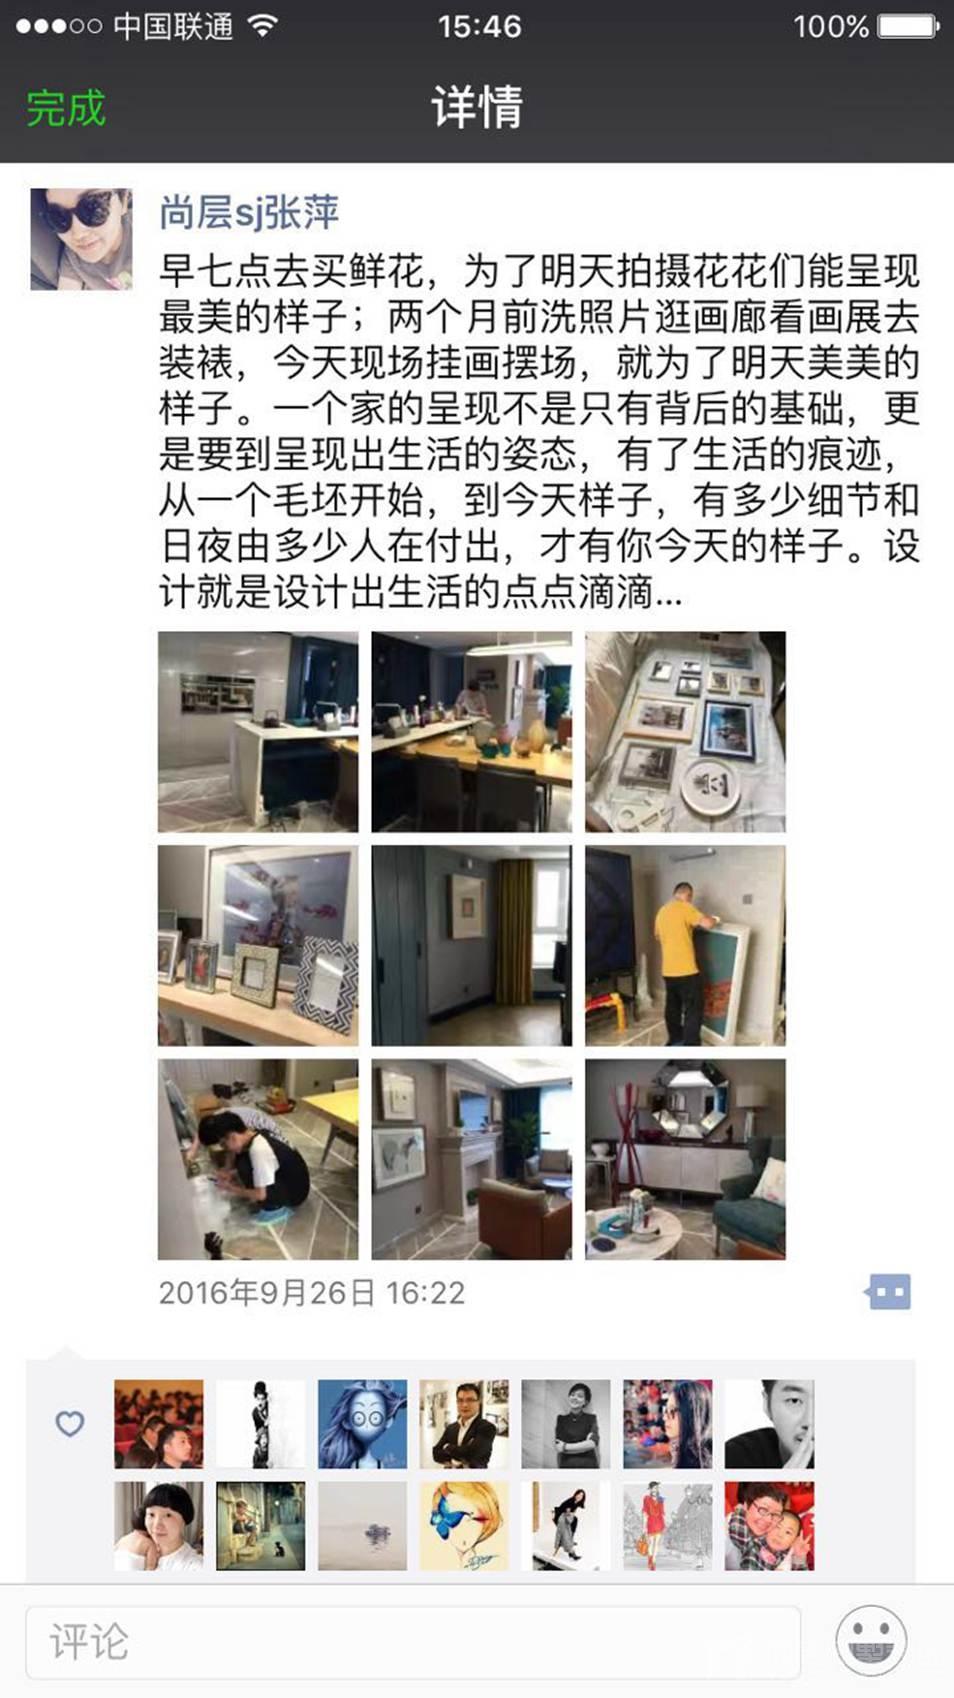 尚层装饰设计师张萍朋友圈竣工感言